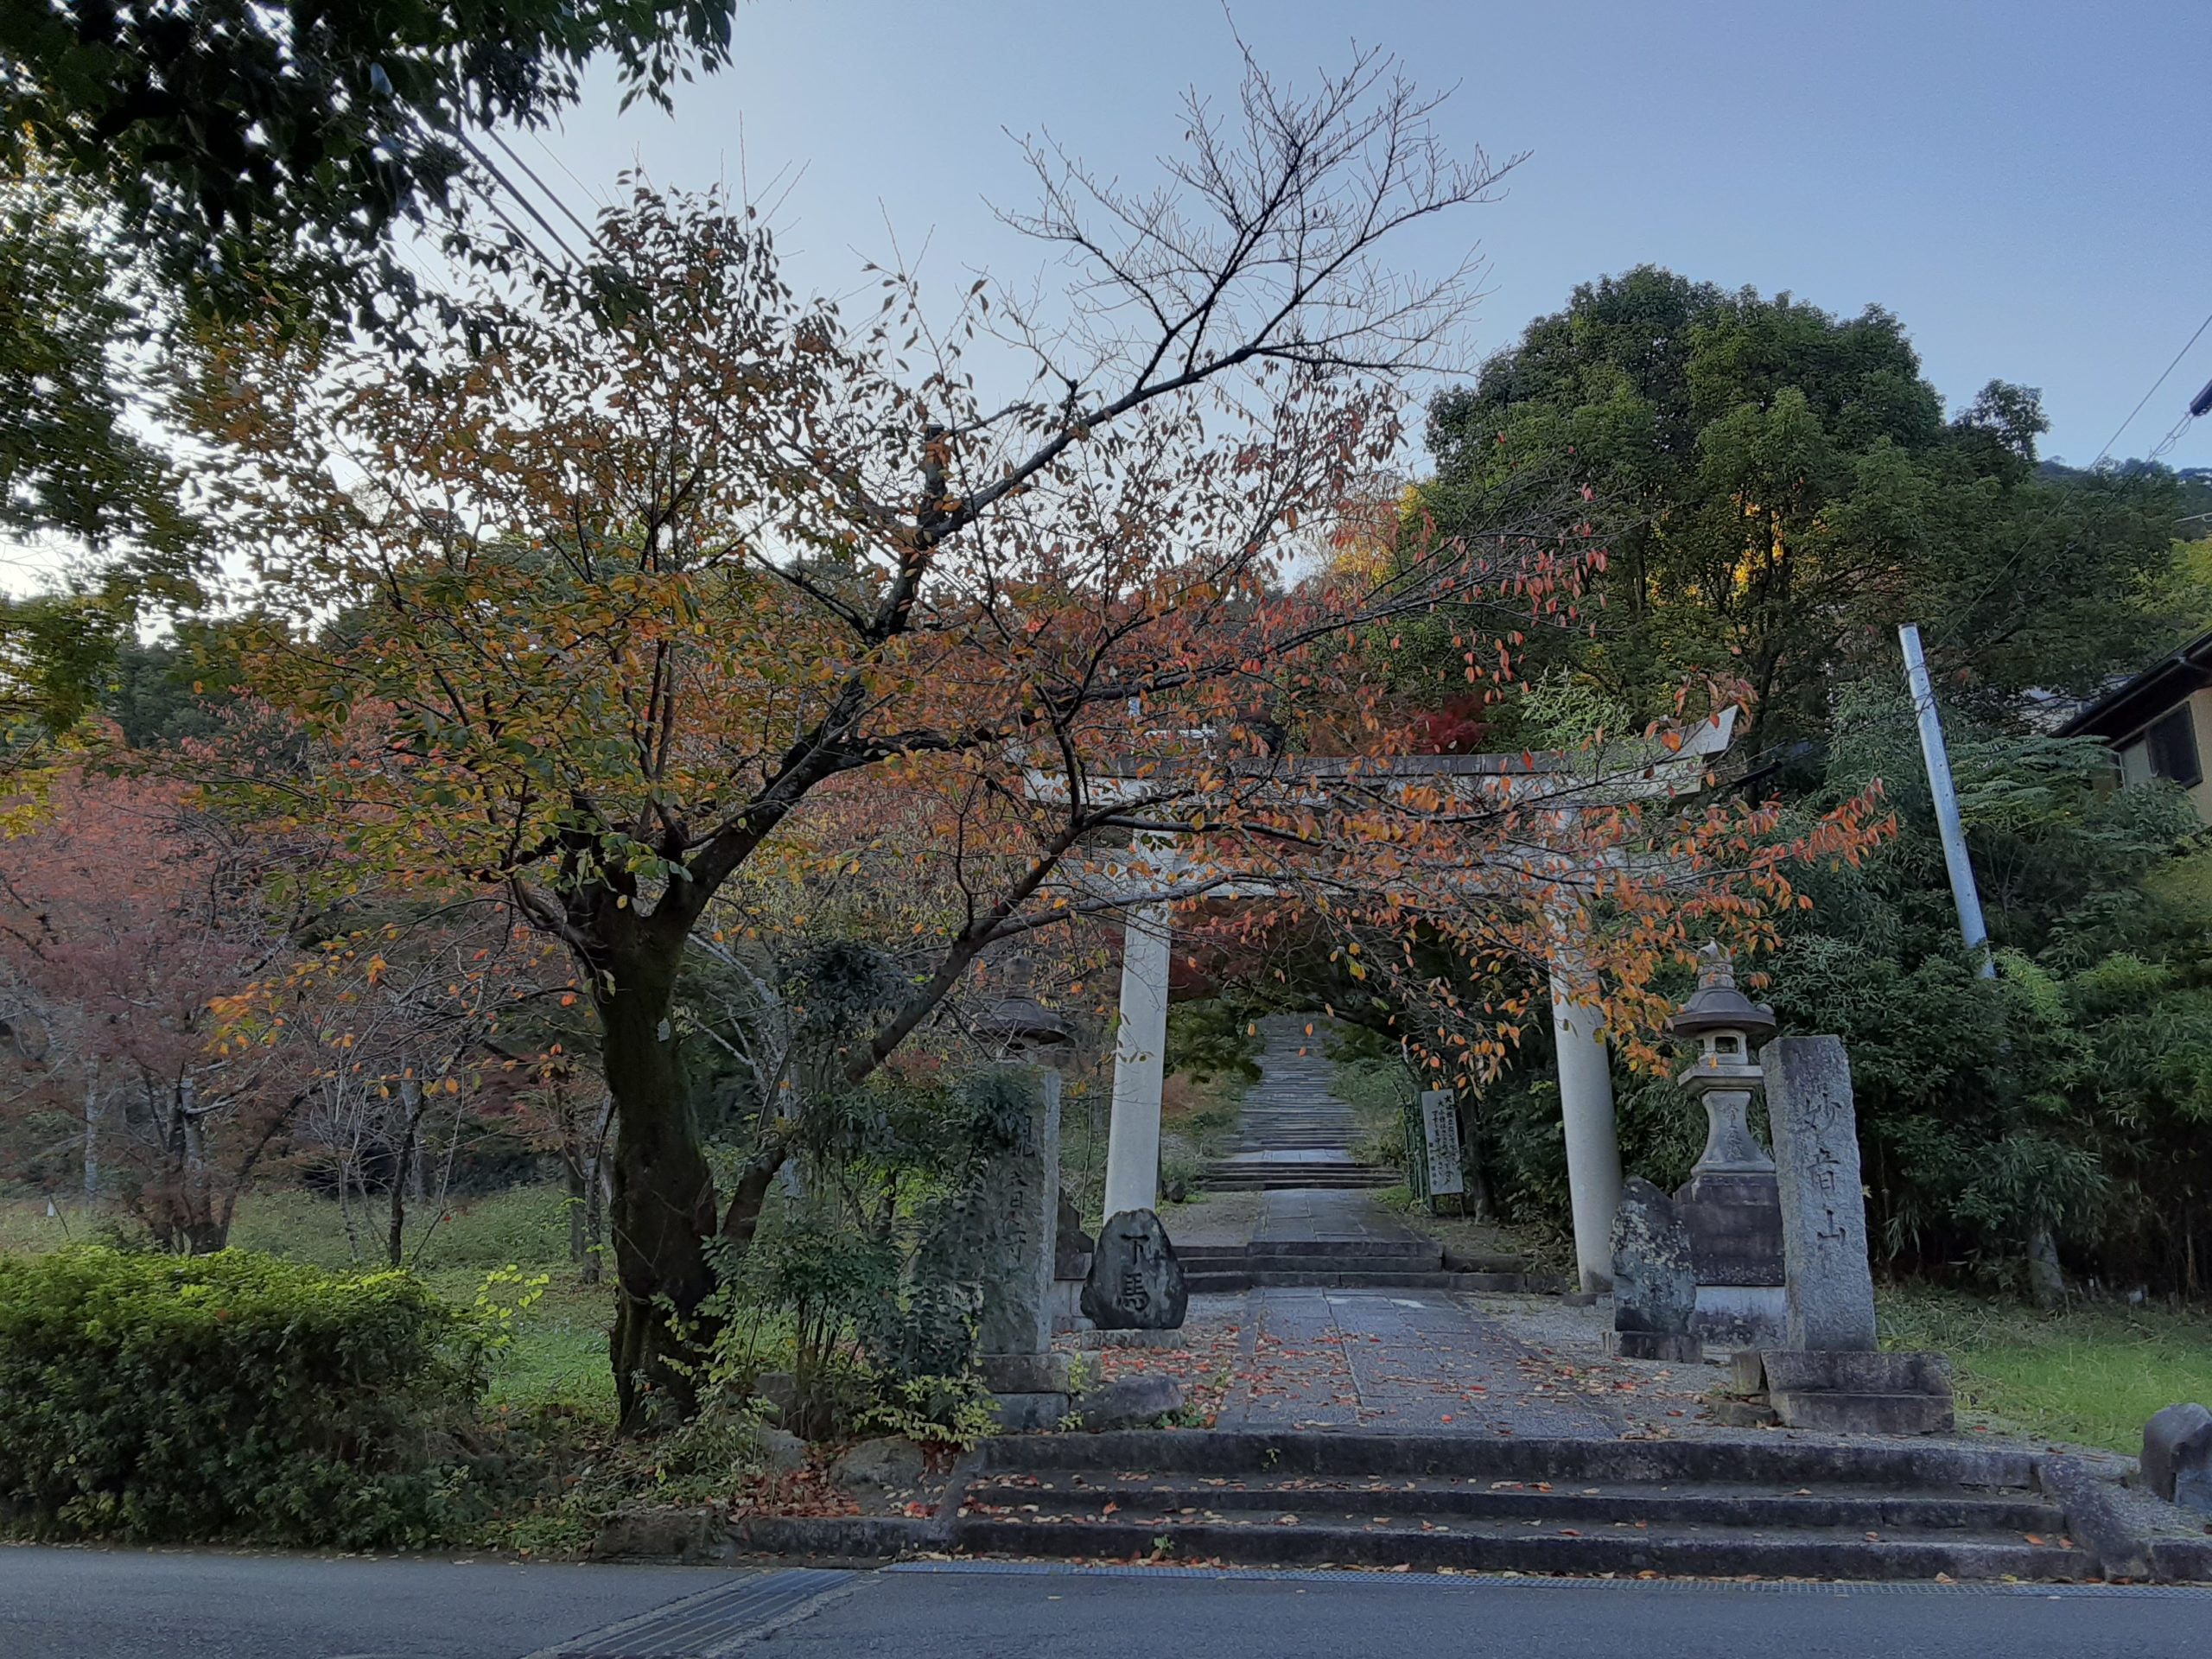 わが街、大山崎町はステキ発見ができるステキな散歩道です~🌟🍁🍂🌿🌟